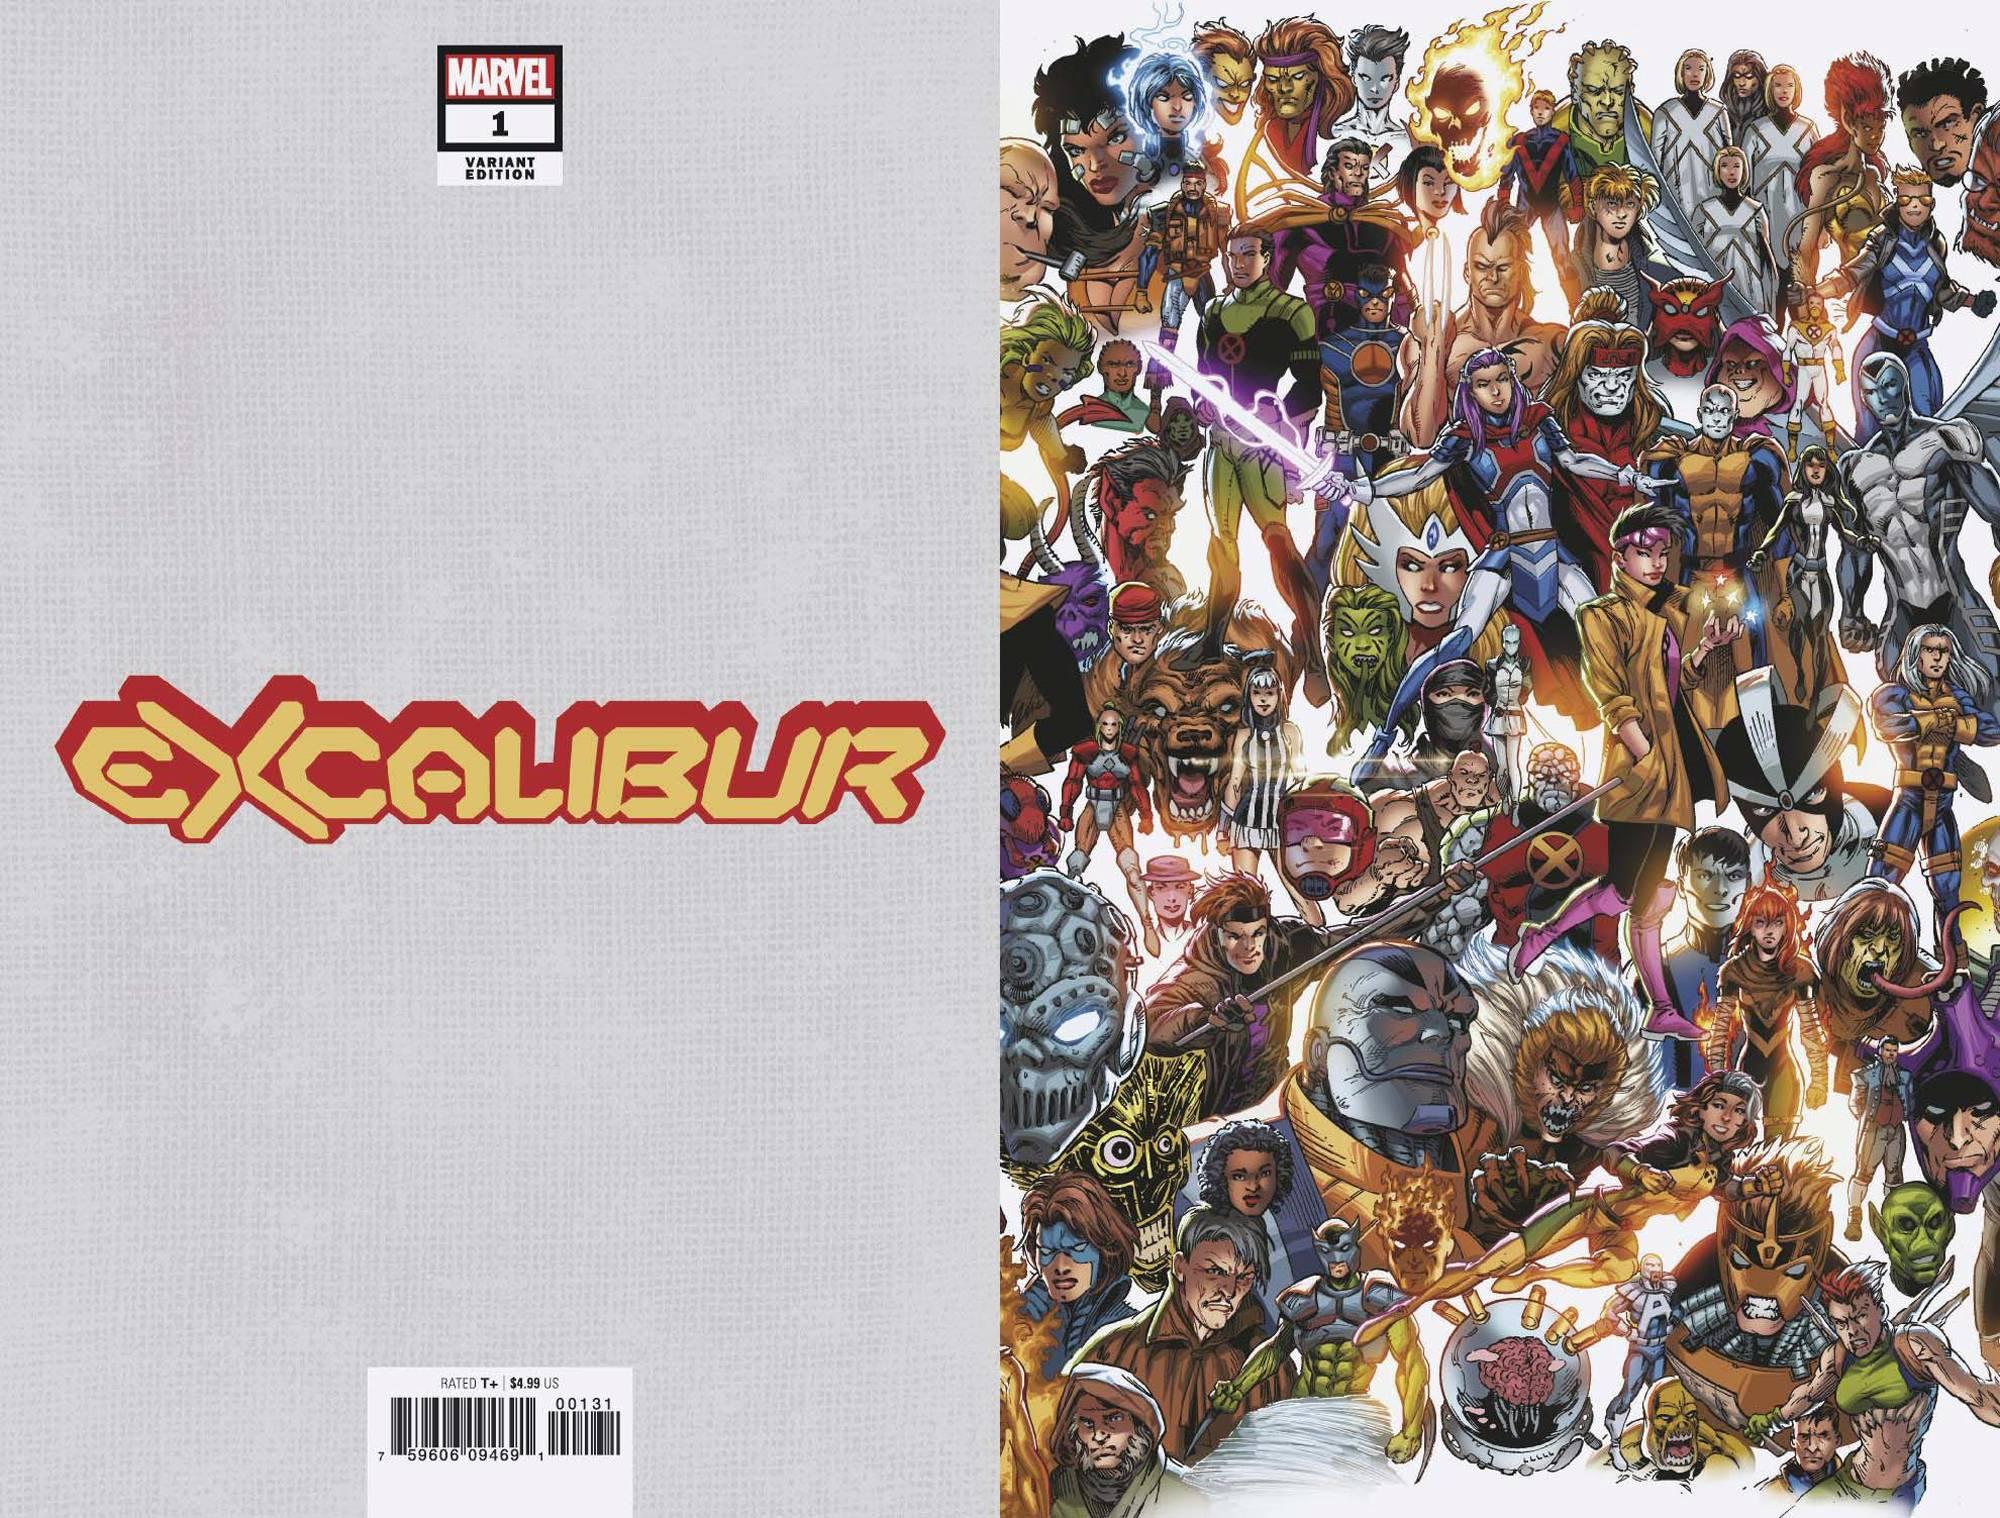 Excalibur #1 (2019)